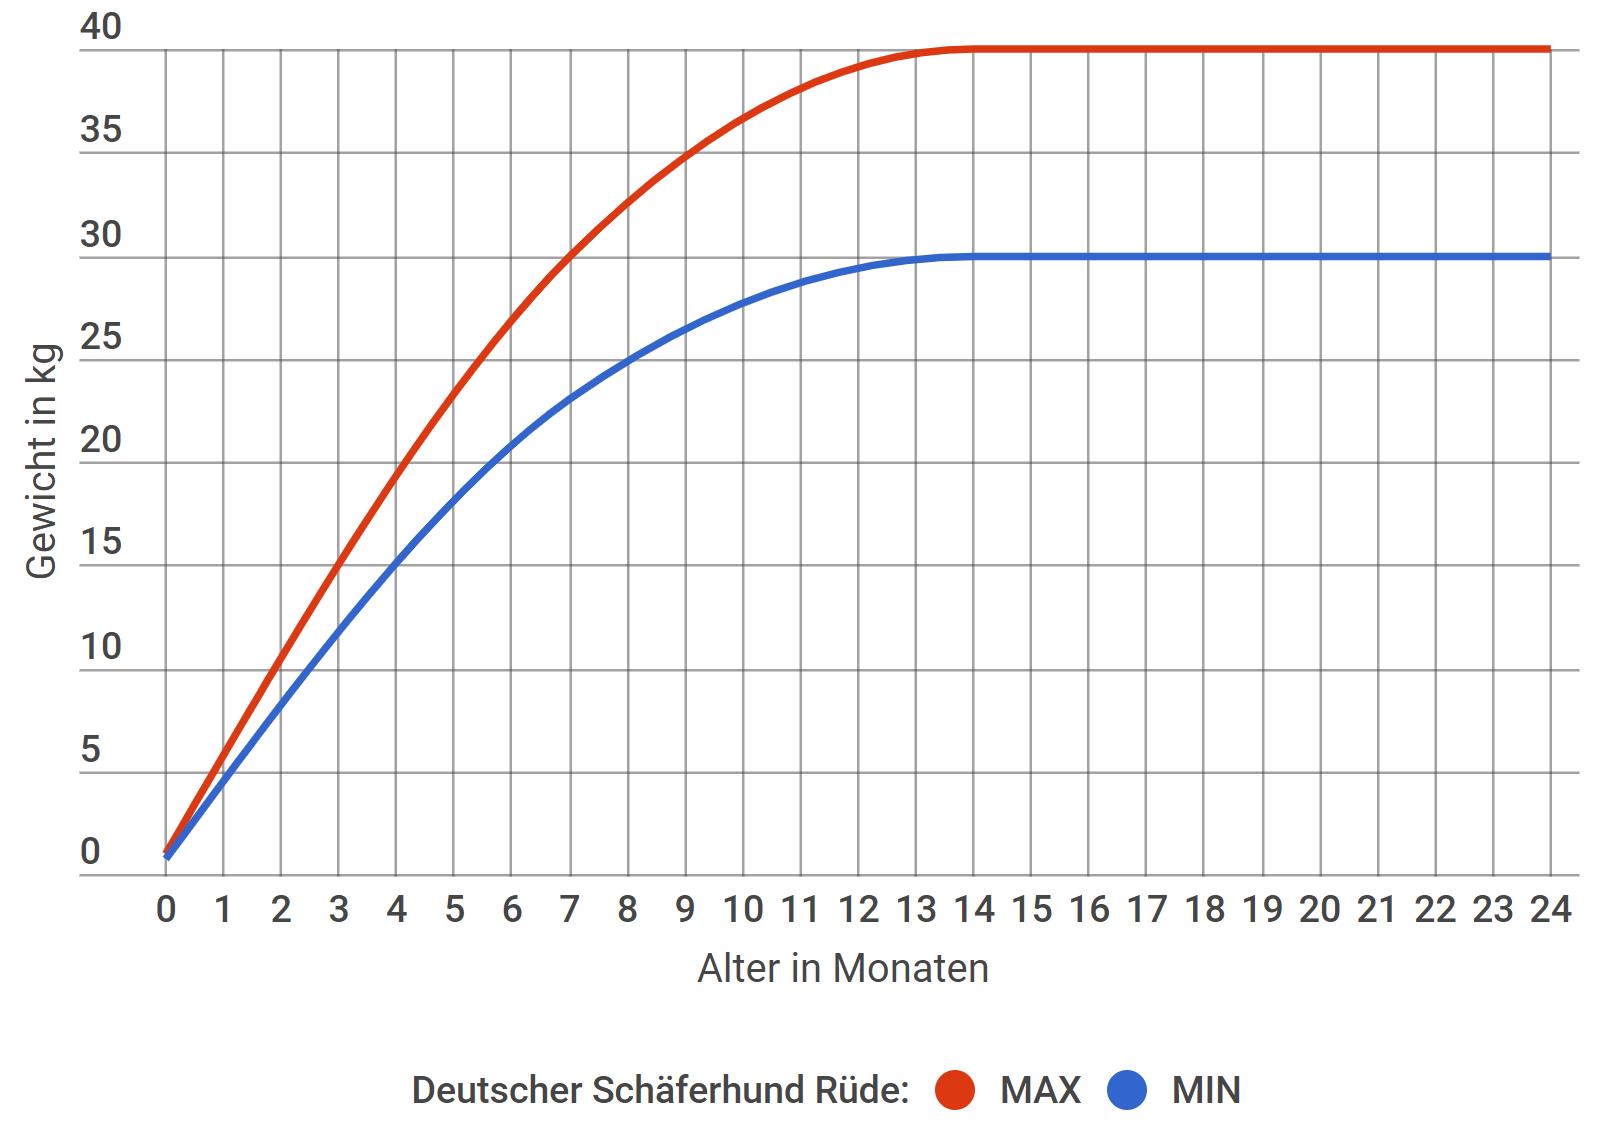 Deutscher Schäferhund Wachstum Rüde